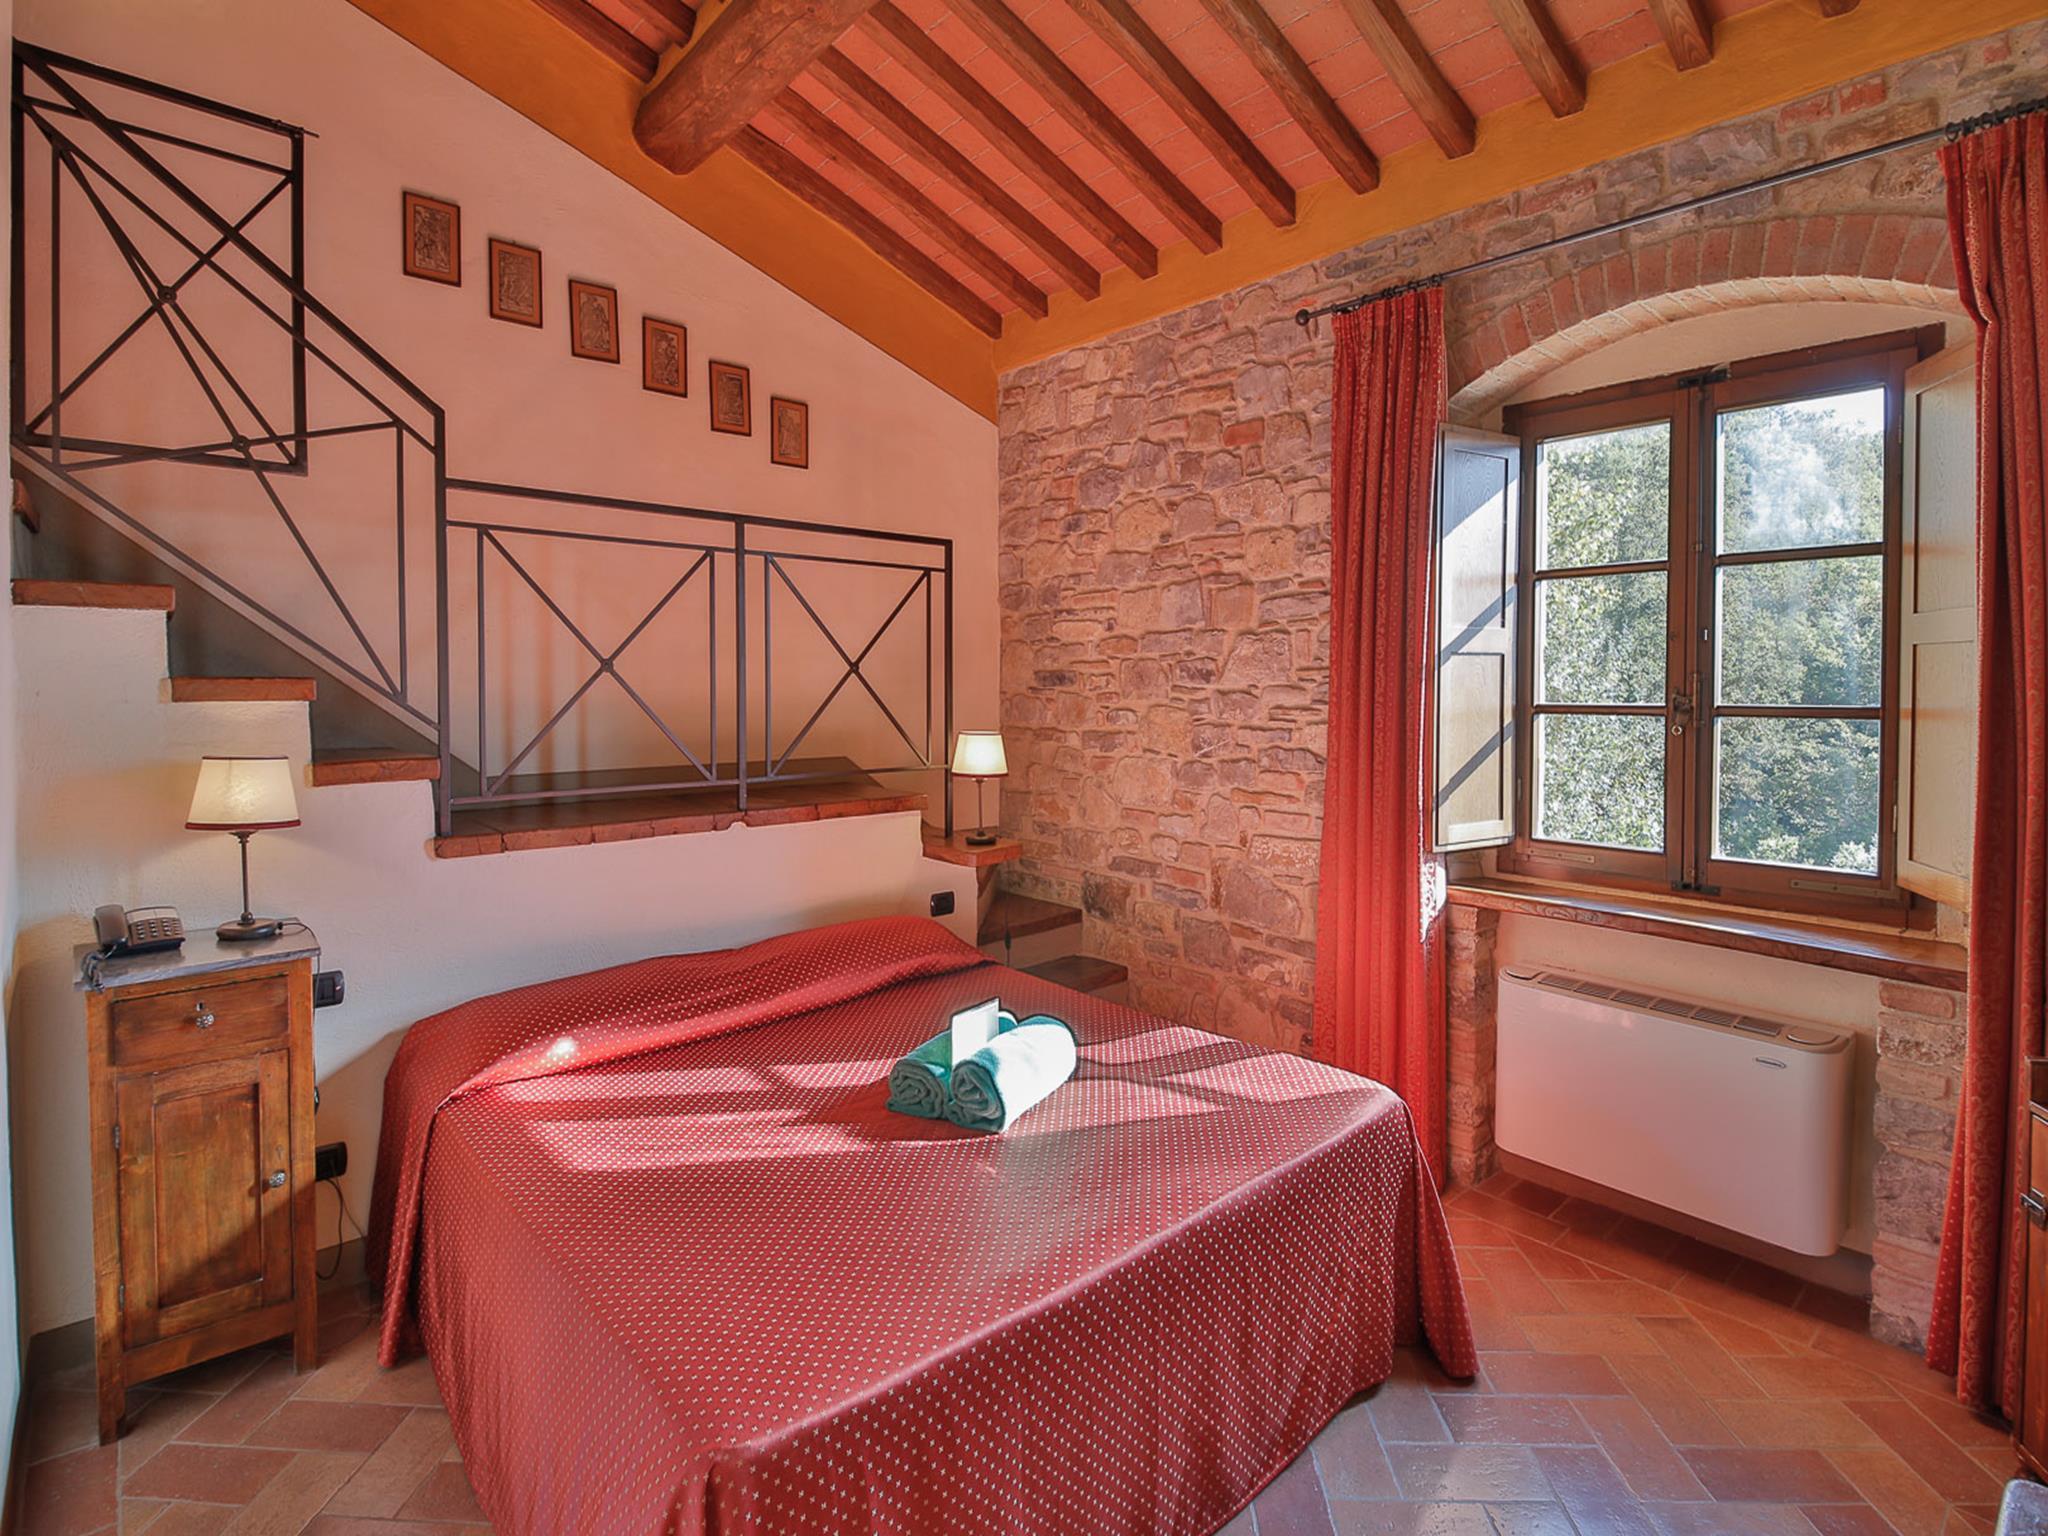 Hotel Le Pozze Di Lecchi Best Price On Hotel Le Pozze Di Lecchi In Gaiole In Chianti Reviews